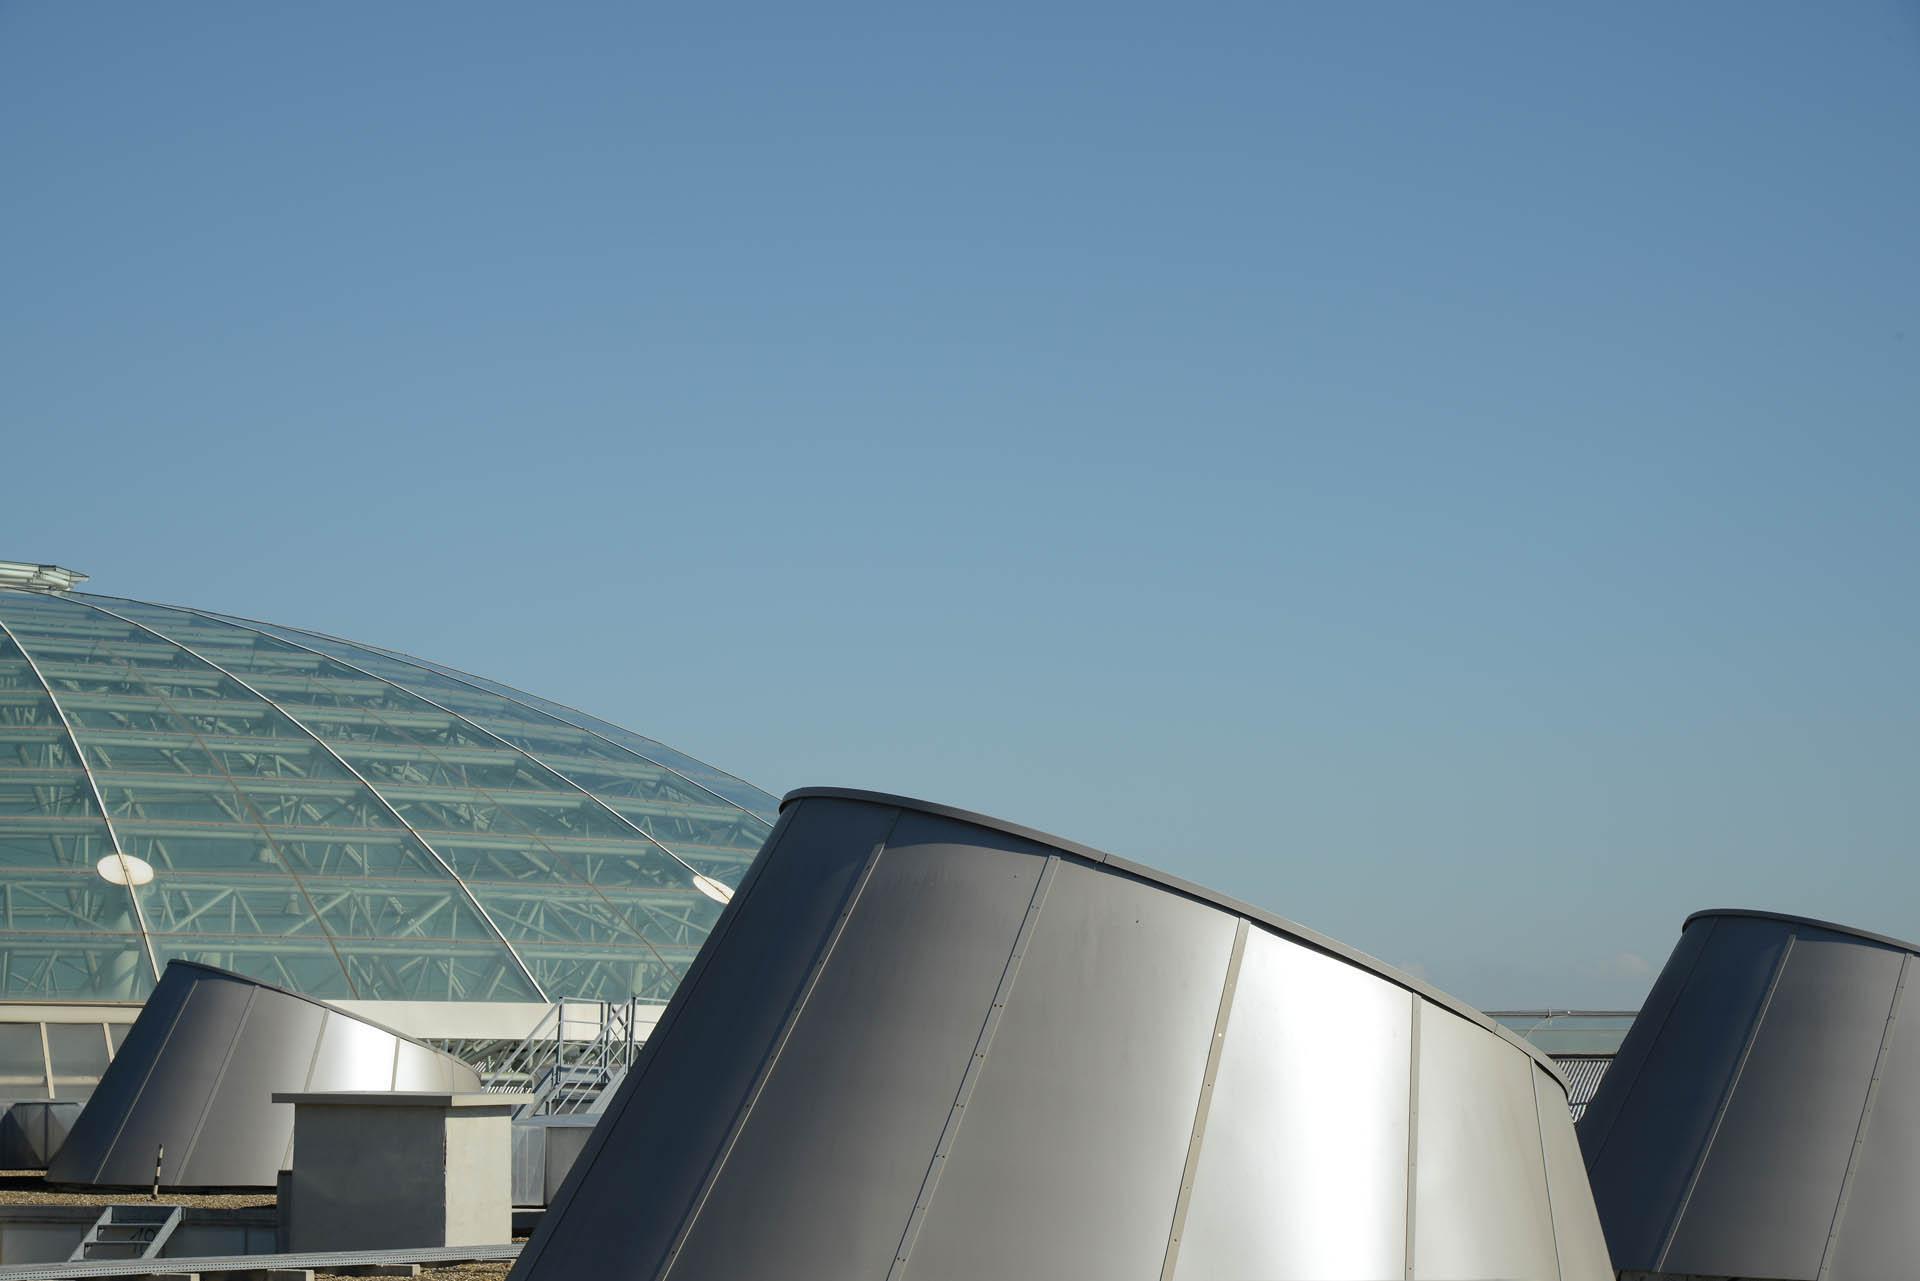 08 Studio Bacchi architetti associati Puntadiferro img 08